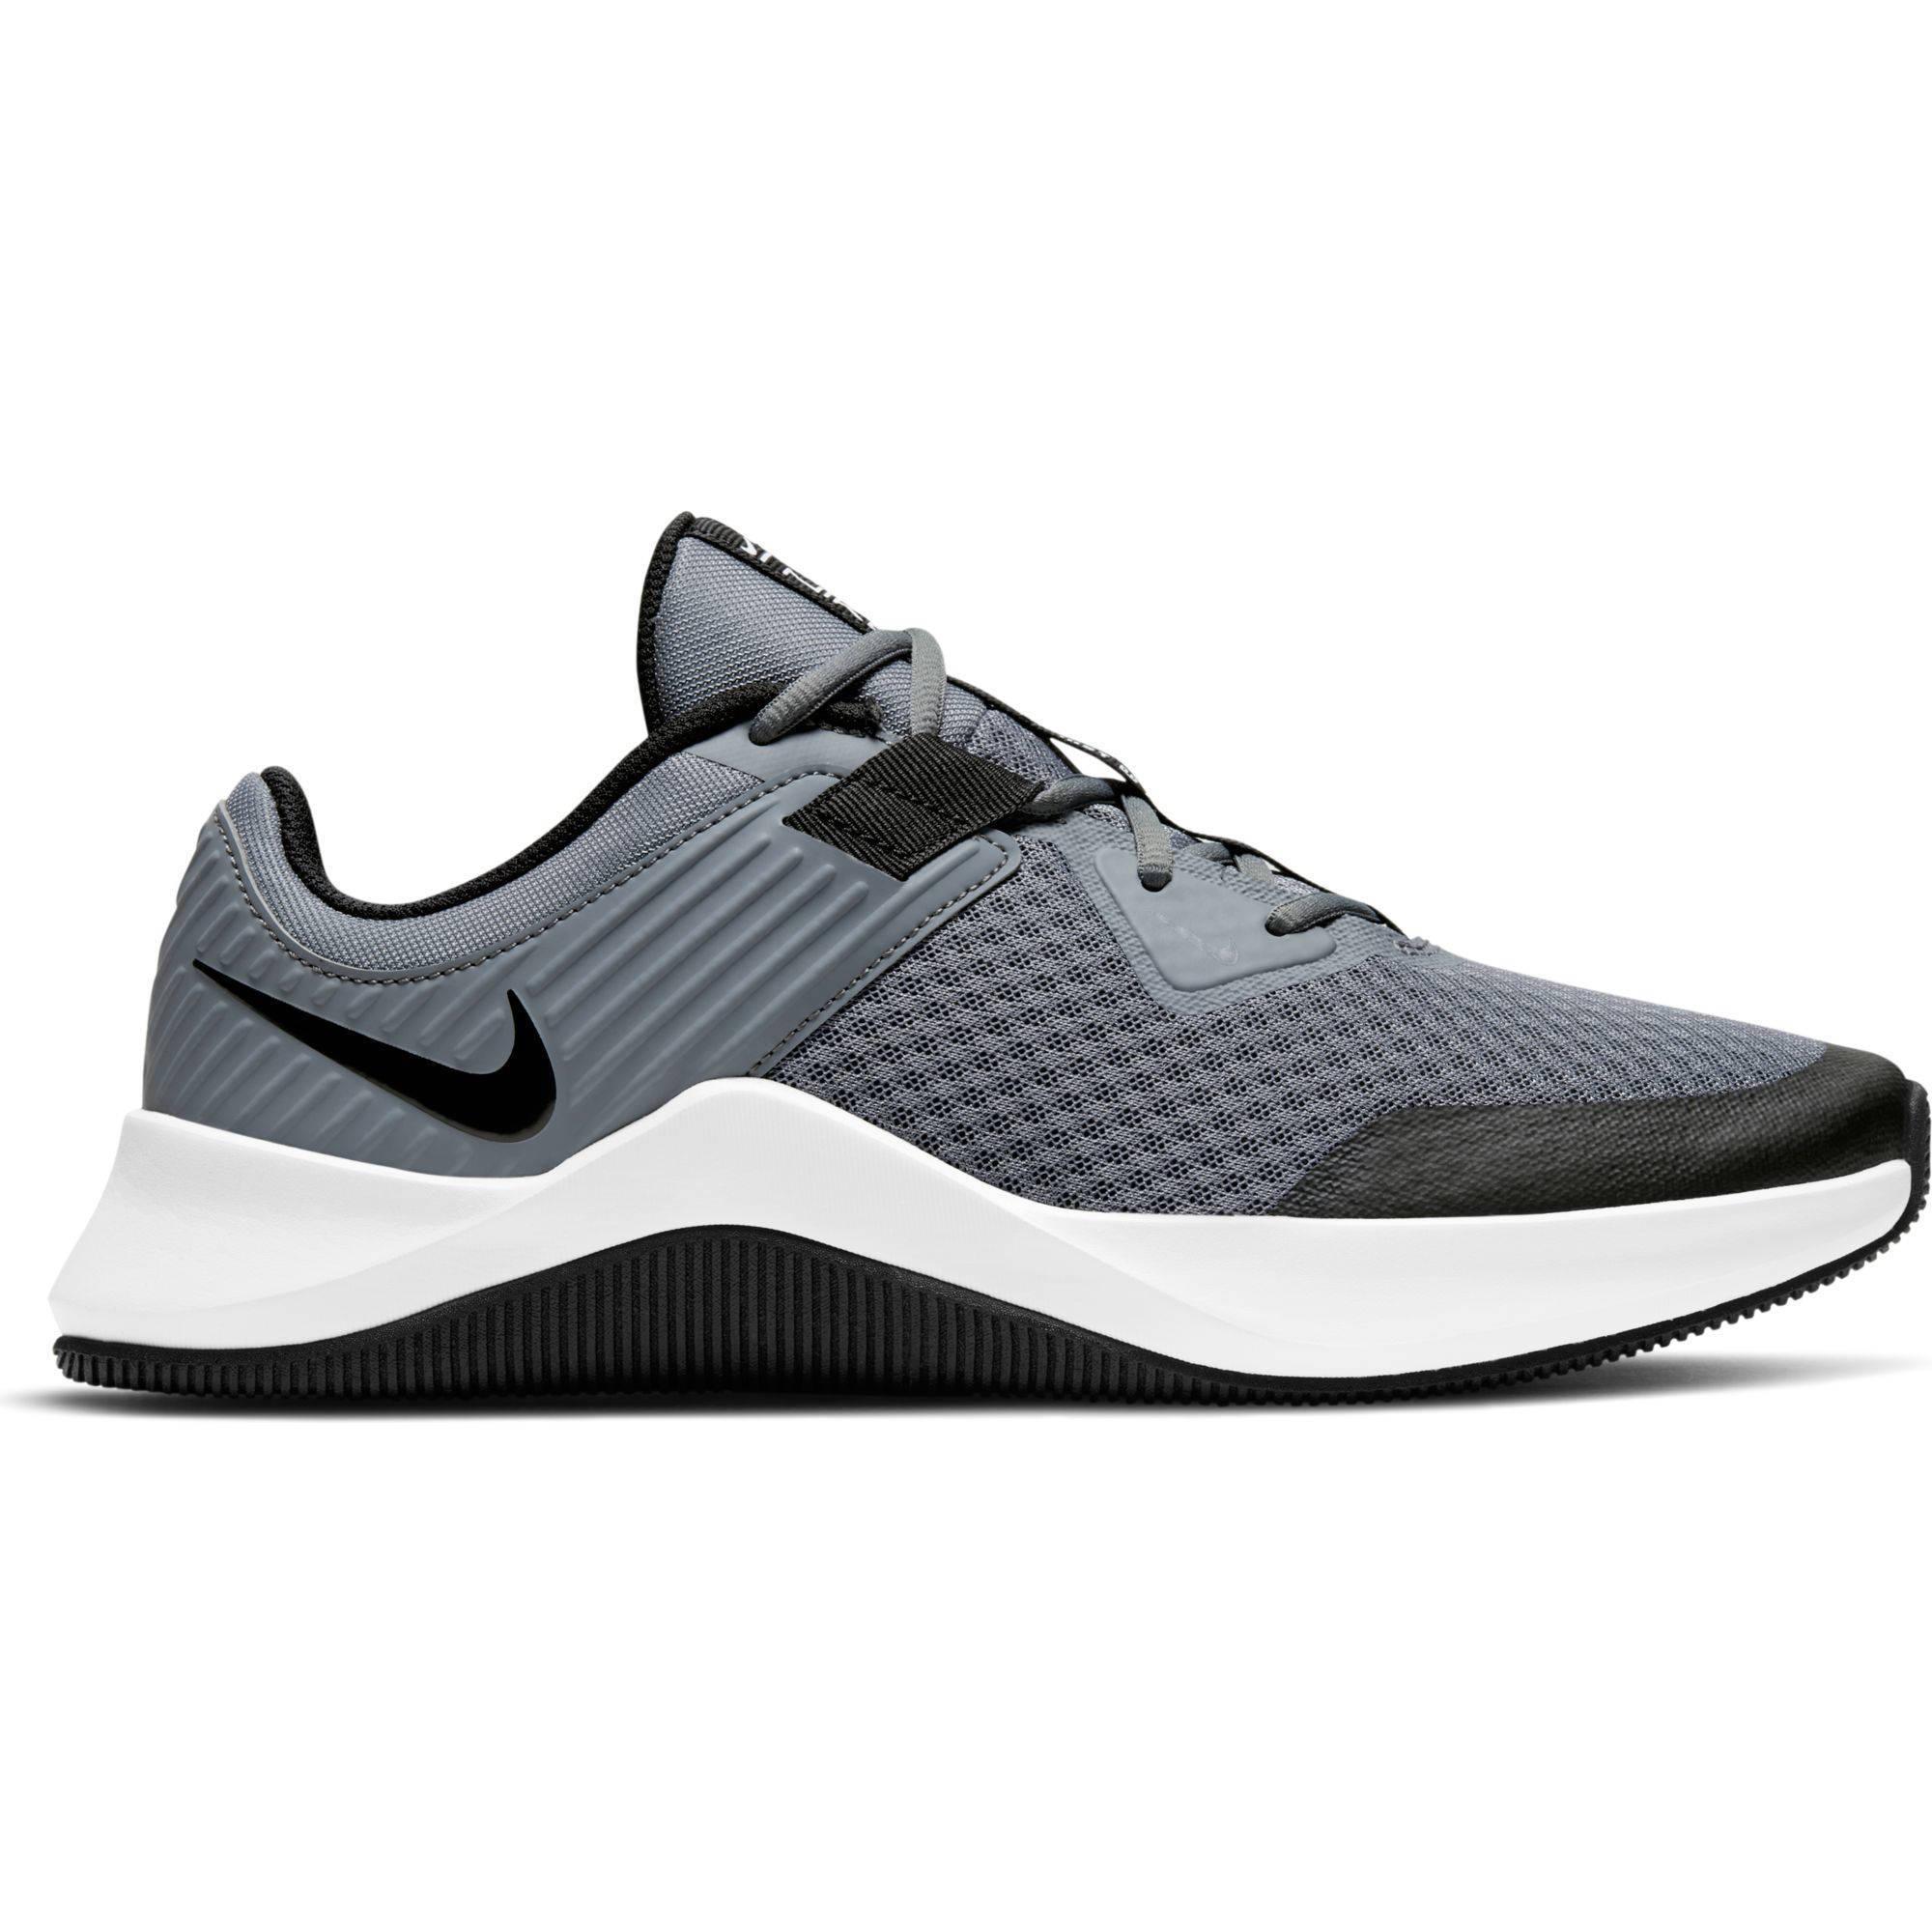 Nike MC Trainer fitness schoenen grijs/zwart/wit online kopen